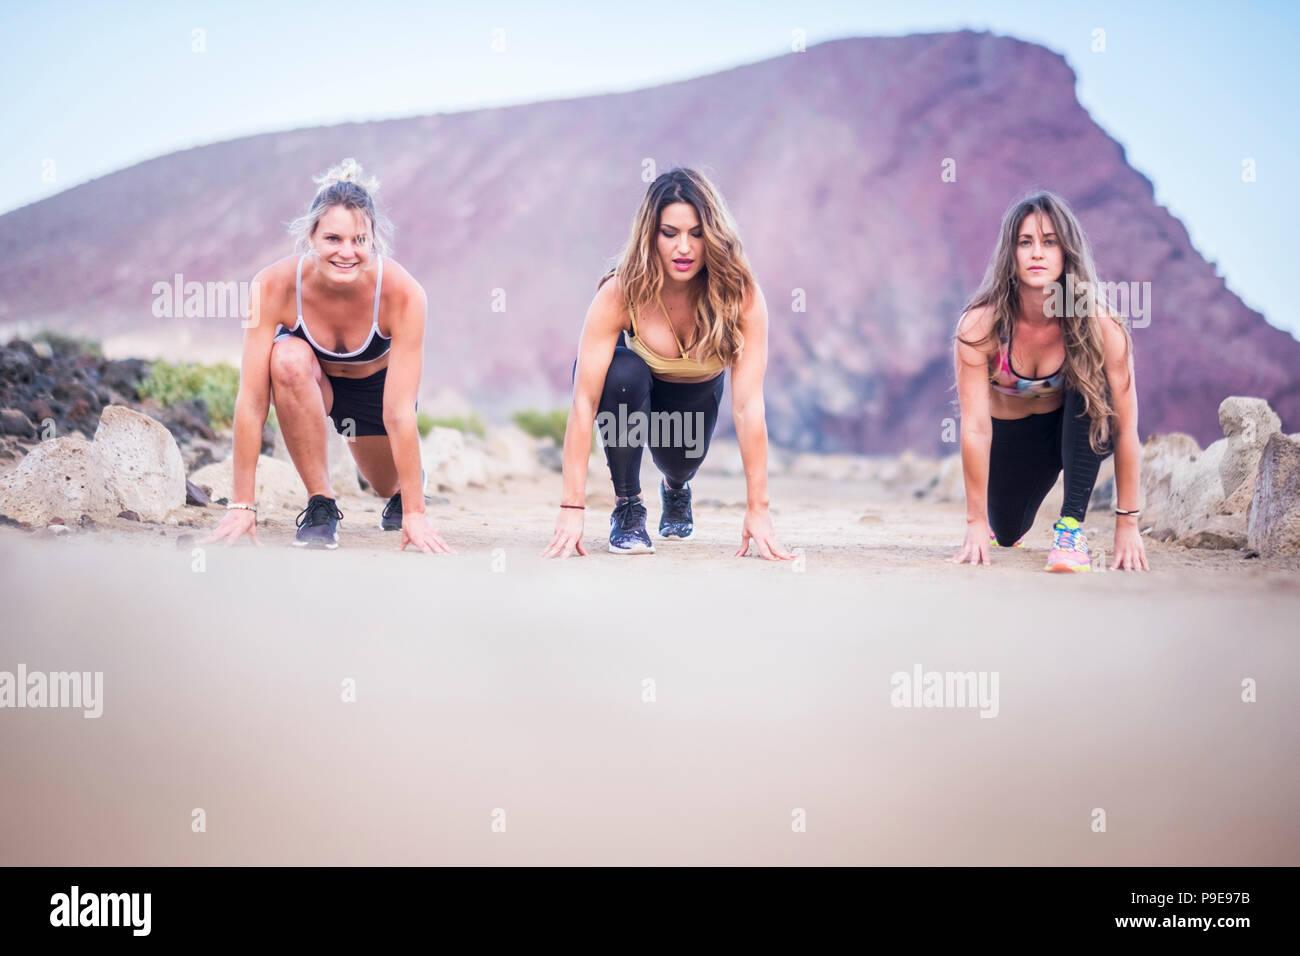 Tres hermosas runner niñas jóvenes dispuestos a iniciar y ejecutar para el duro entrenamiento y fitness la actividad al aire libre. construir su nueva y fuerte cuerpo cerca de la playa. Imagen De Stock